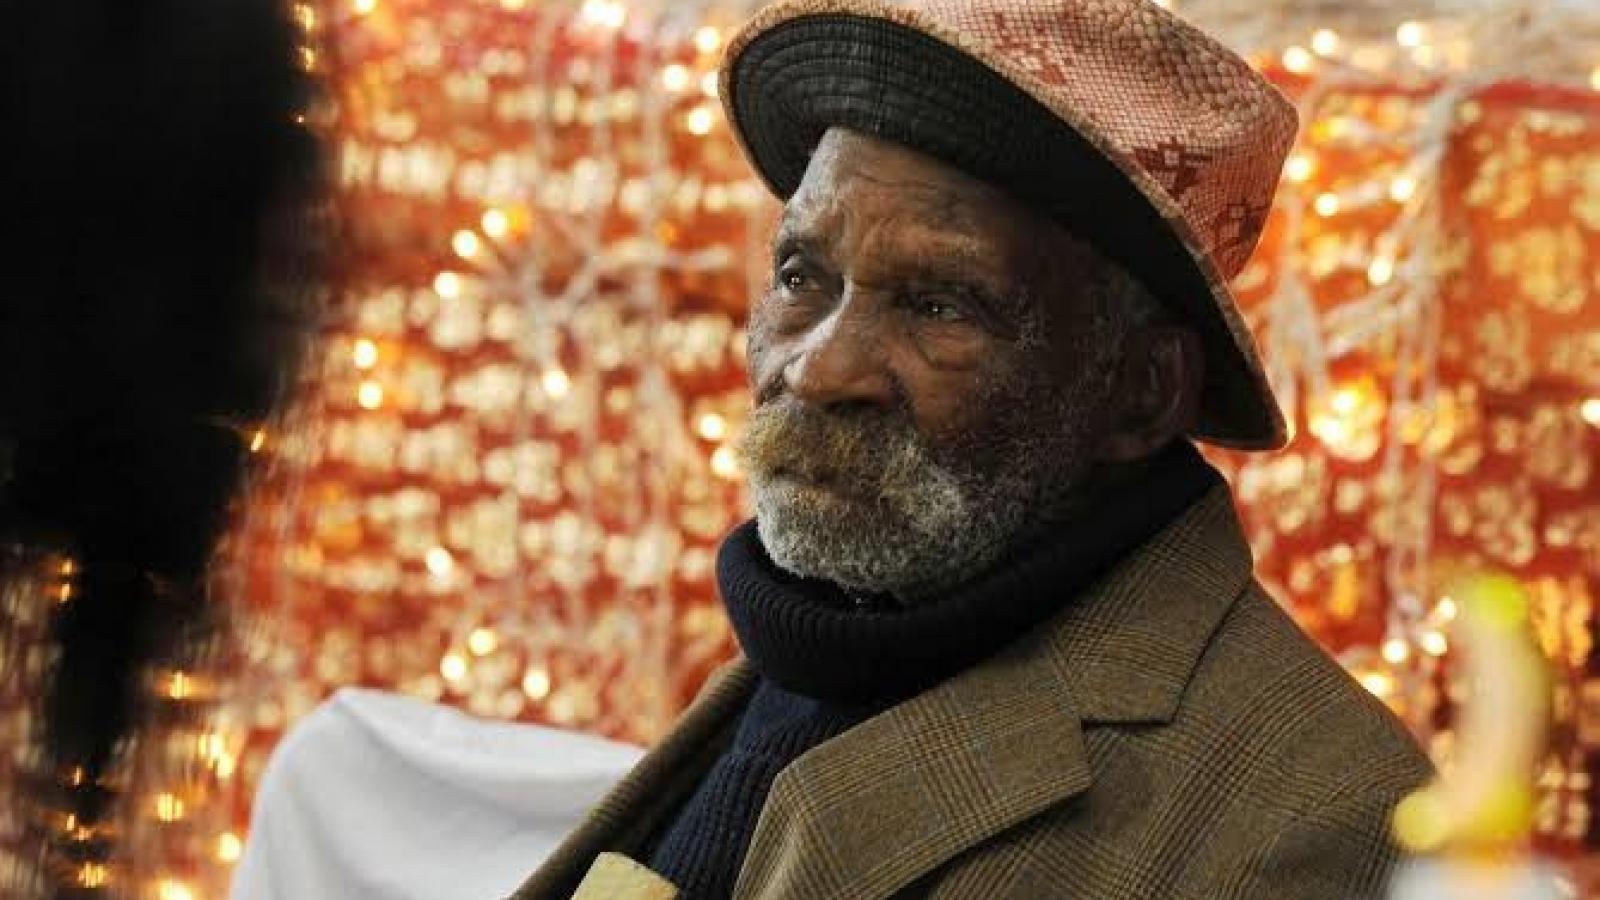 Người đàn ông hút thuốc nhưng vẫn sống lâu nhất thế giới qua đời ở tuổi 116